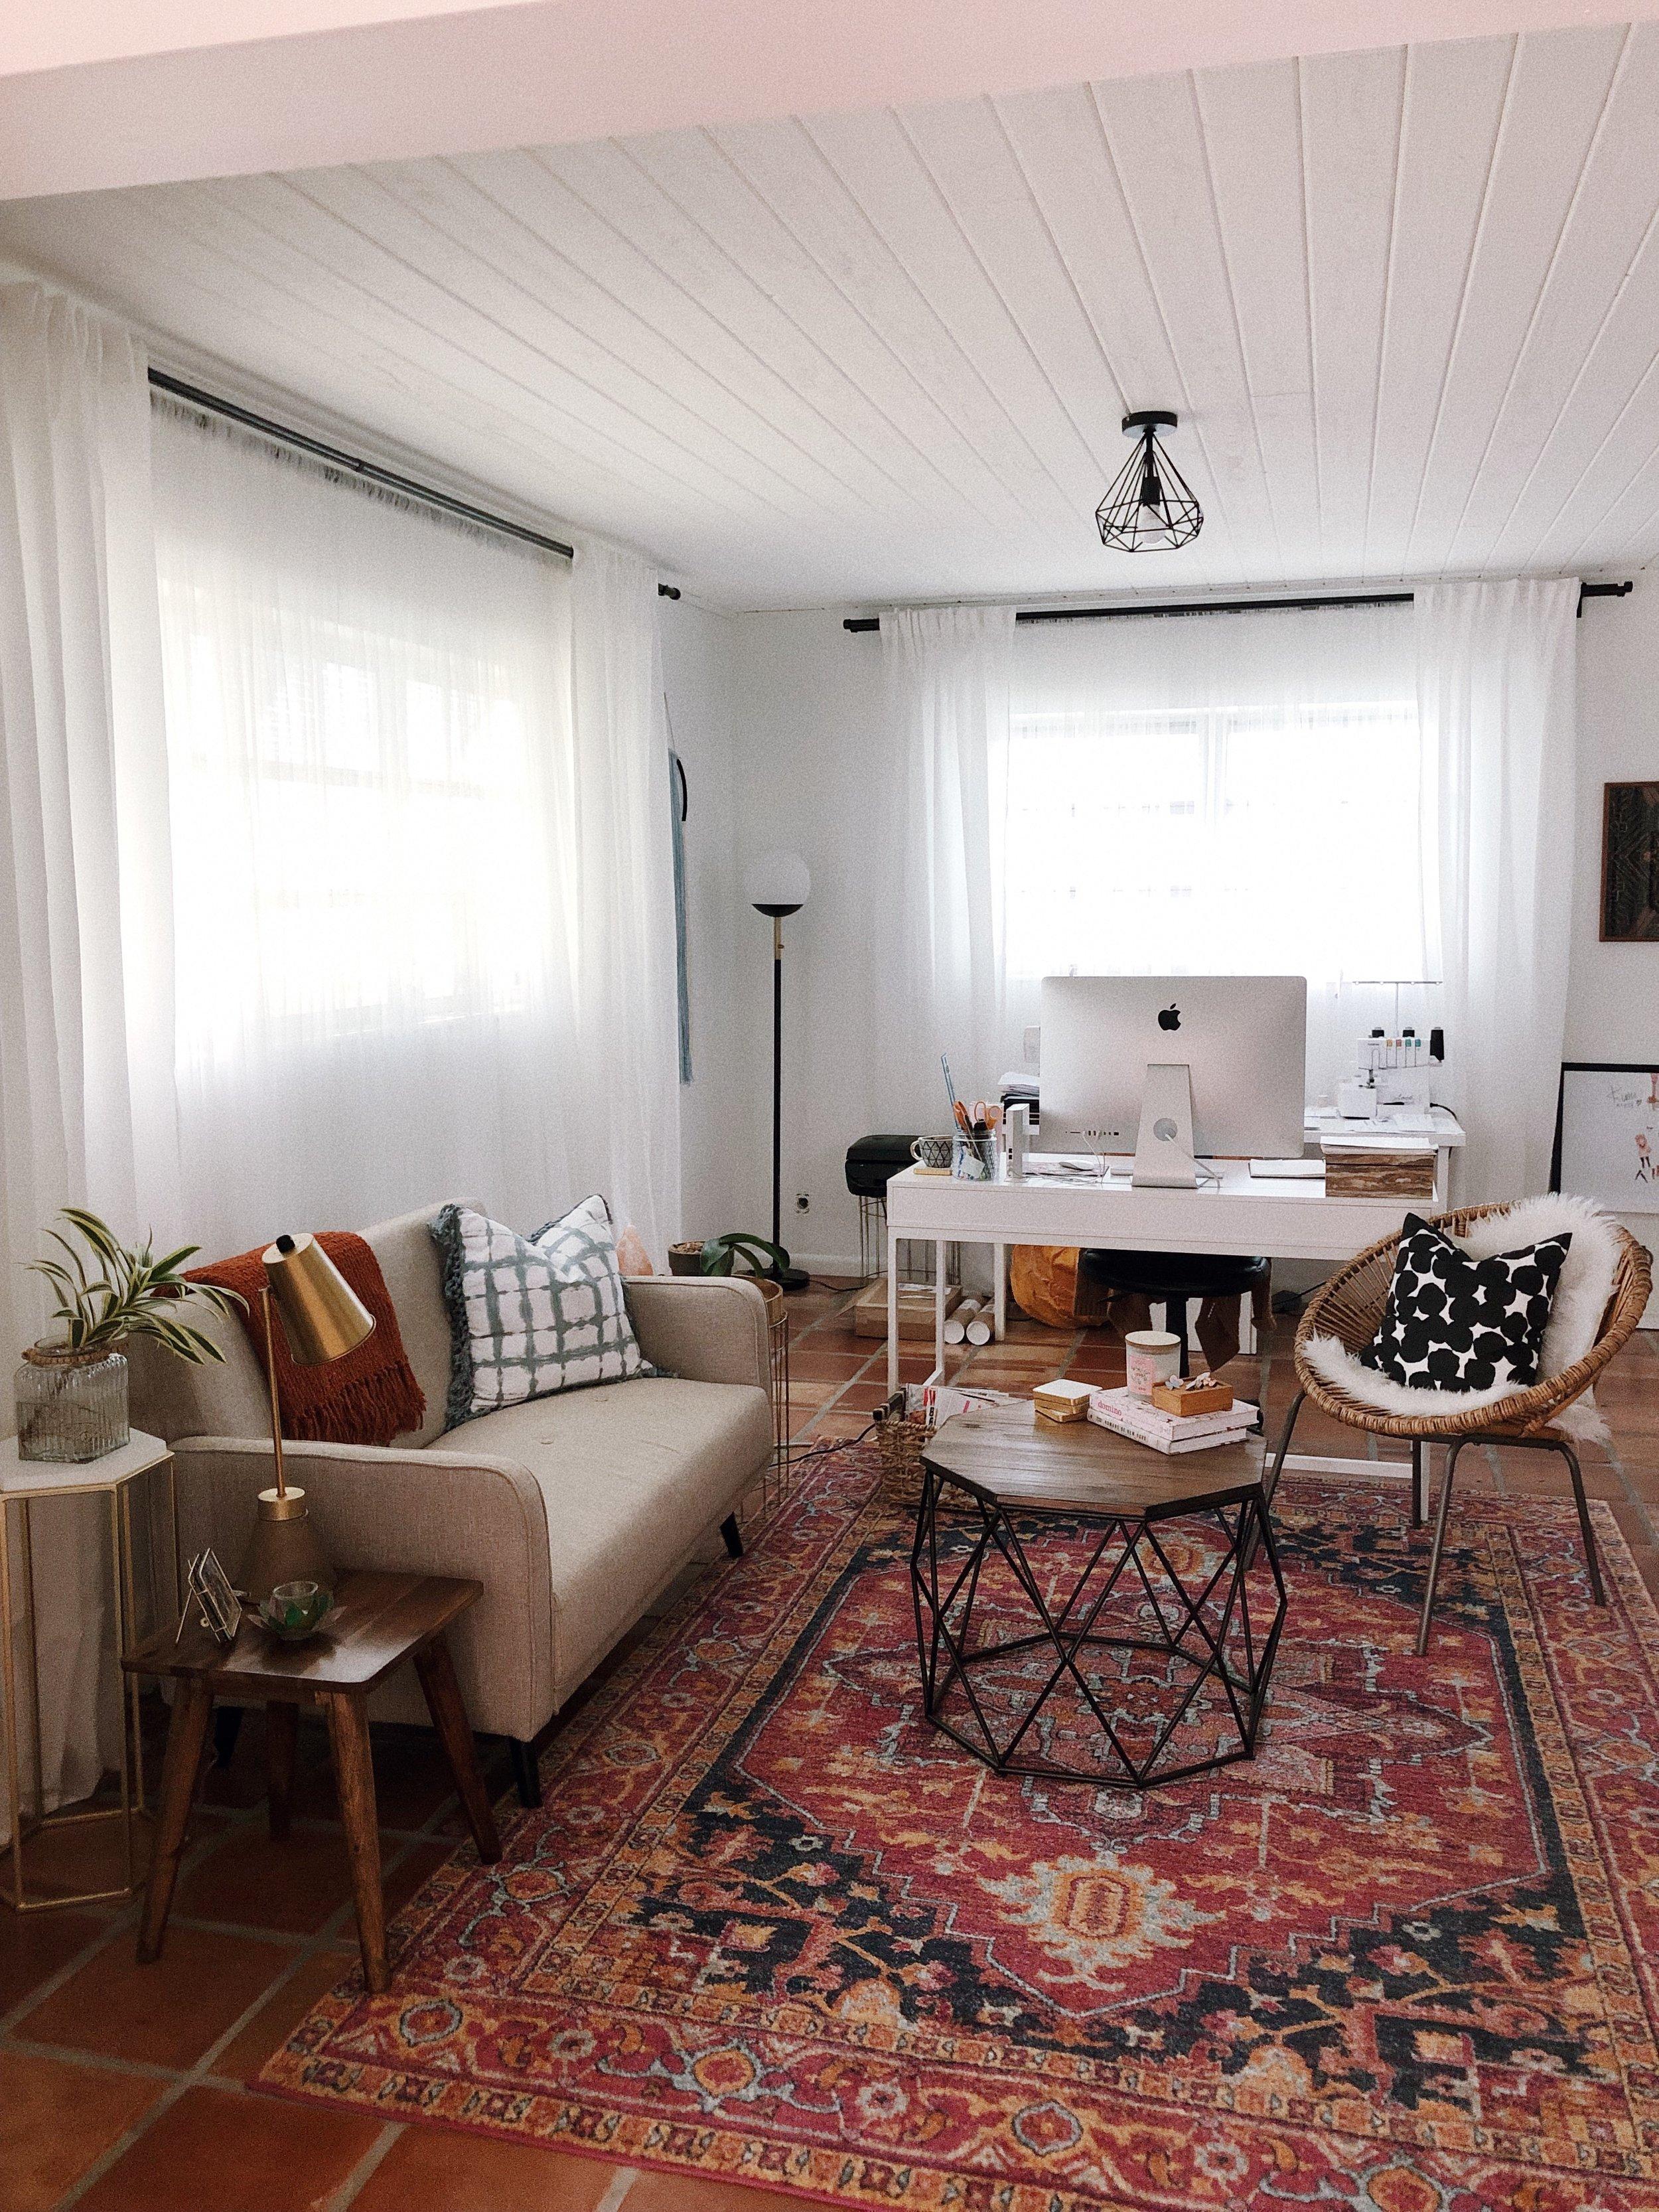 Modern Bohemian Home Decor Living Room Interior Design home office 2.jpg